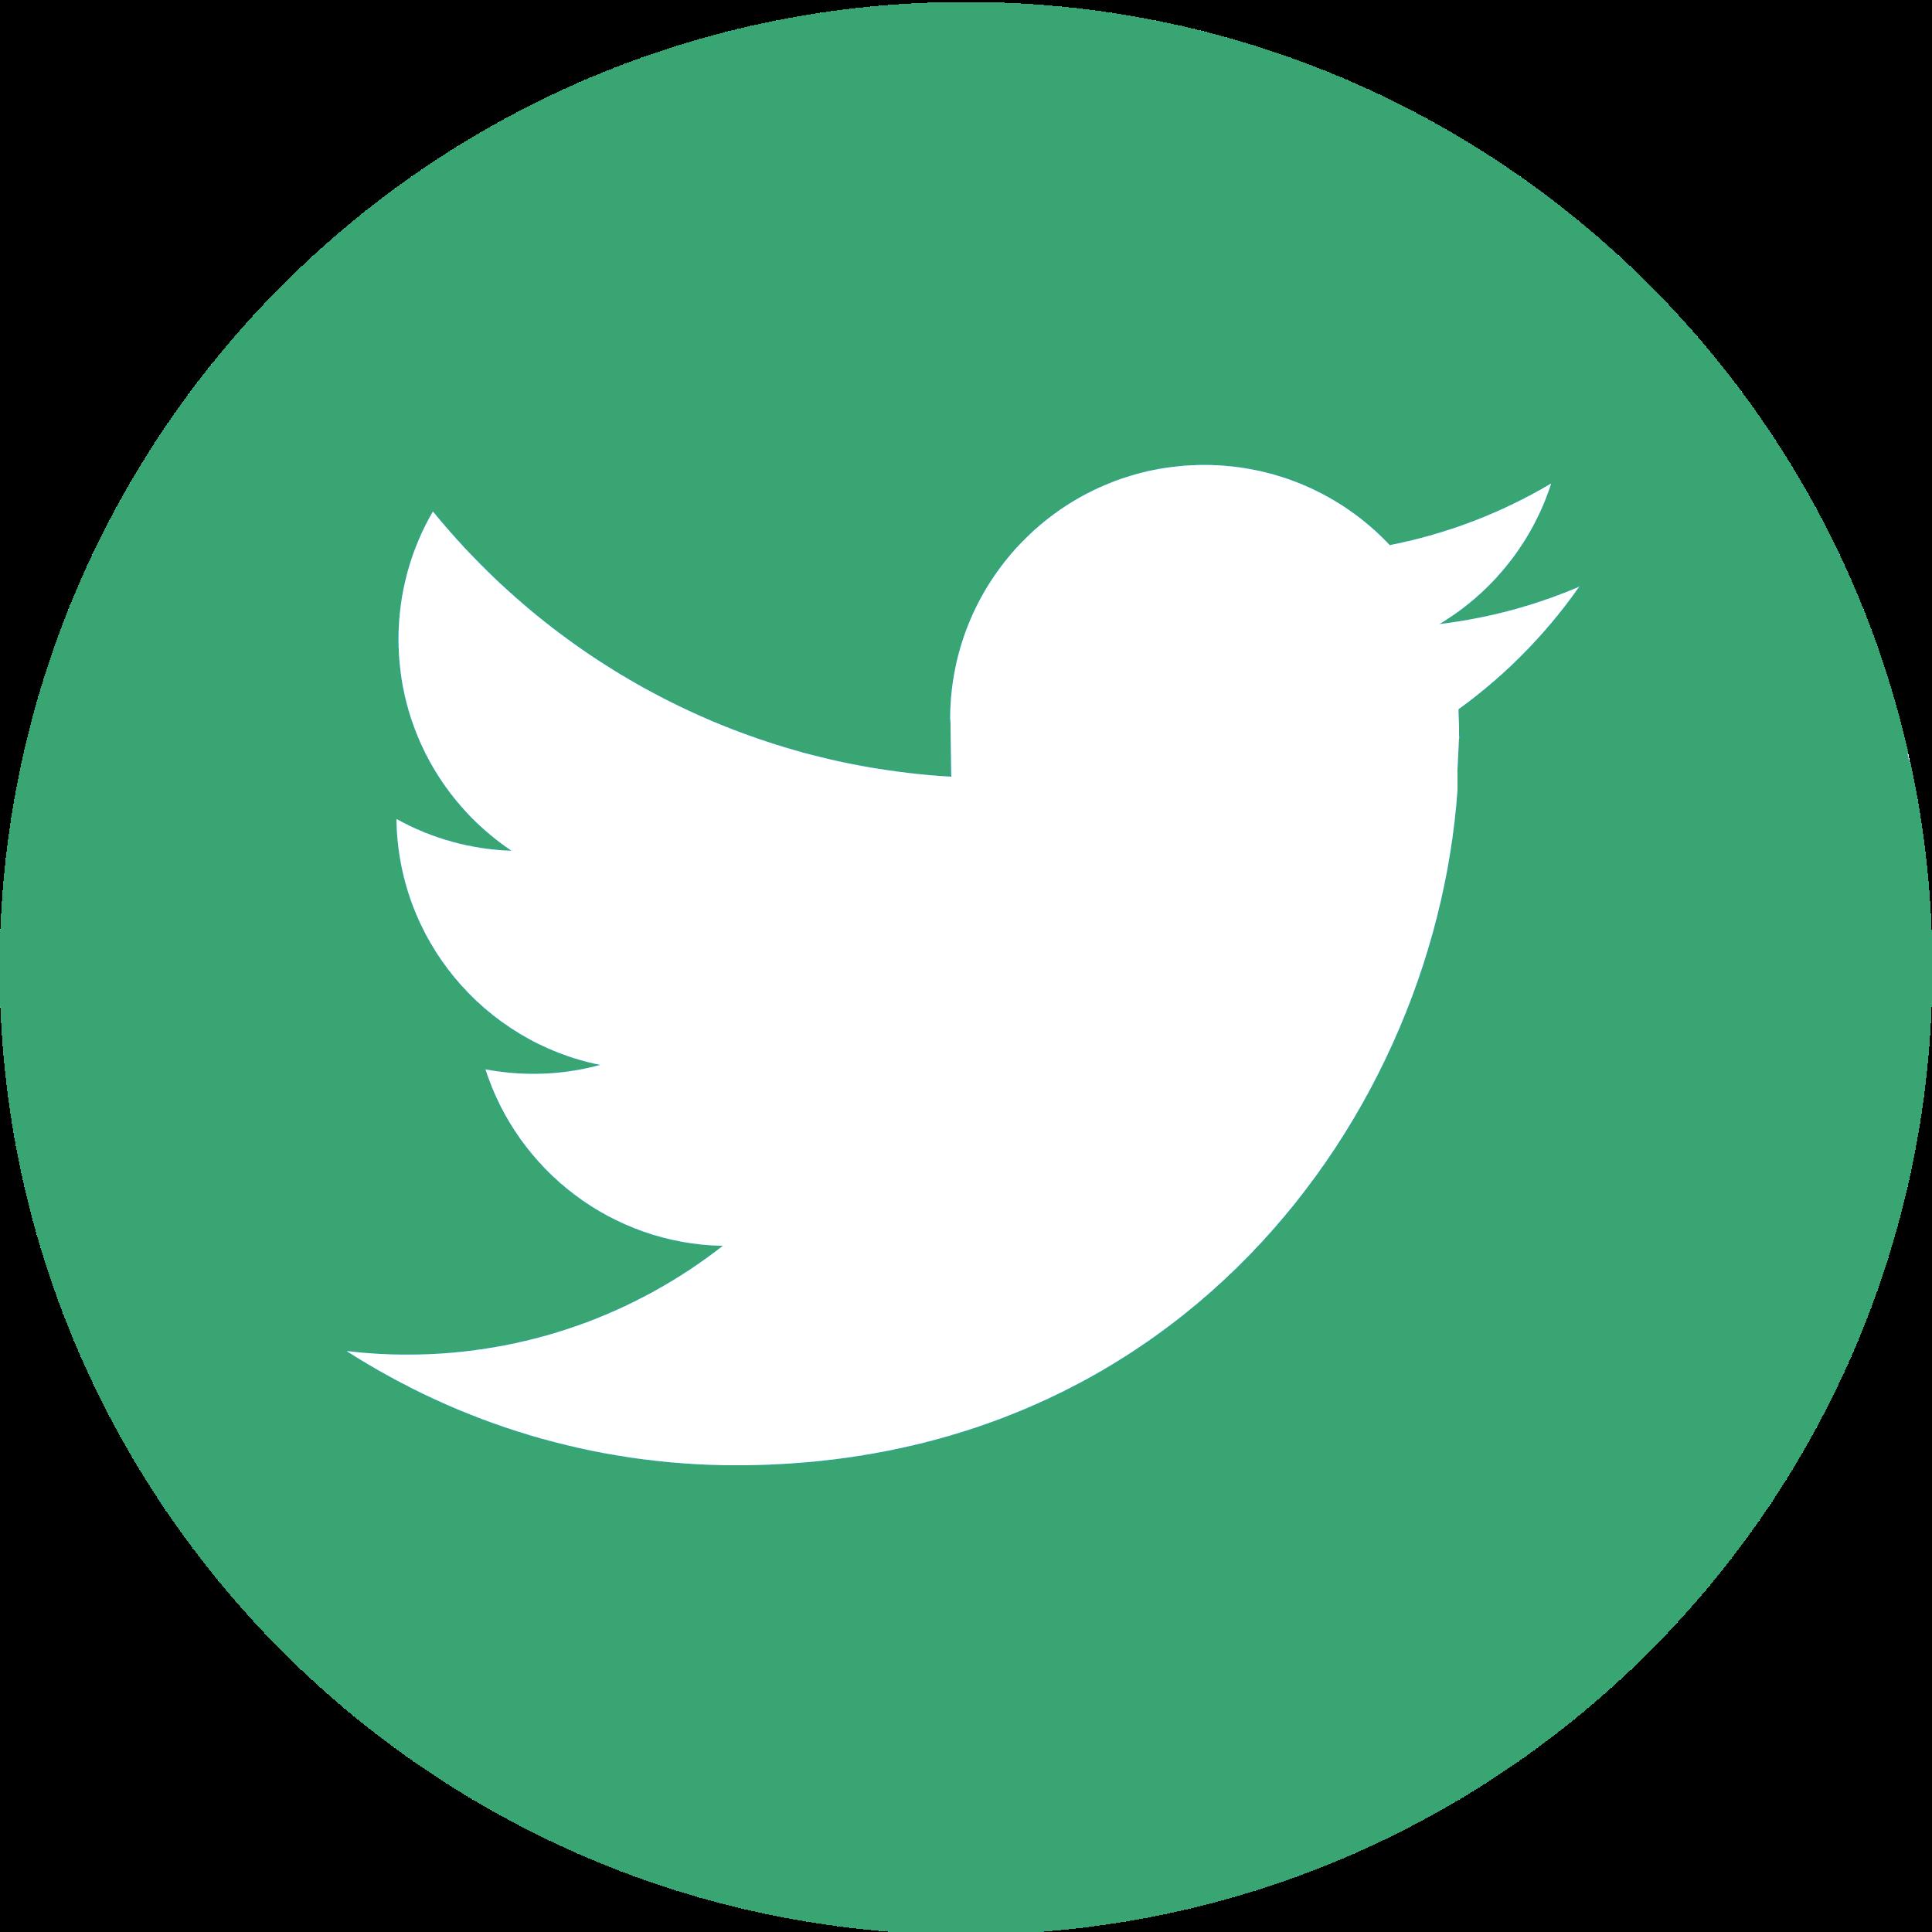 logo twitter vert